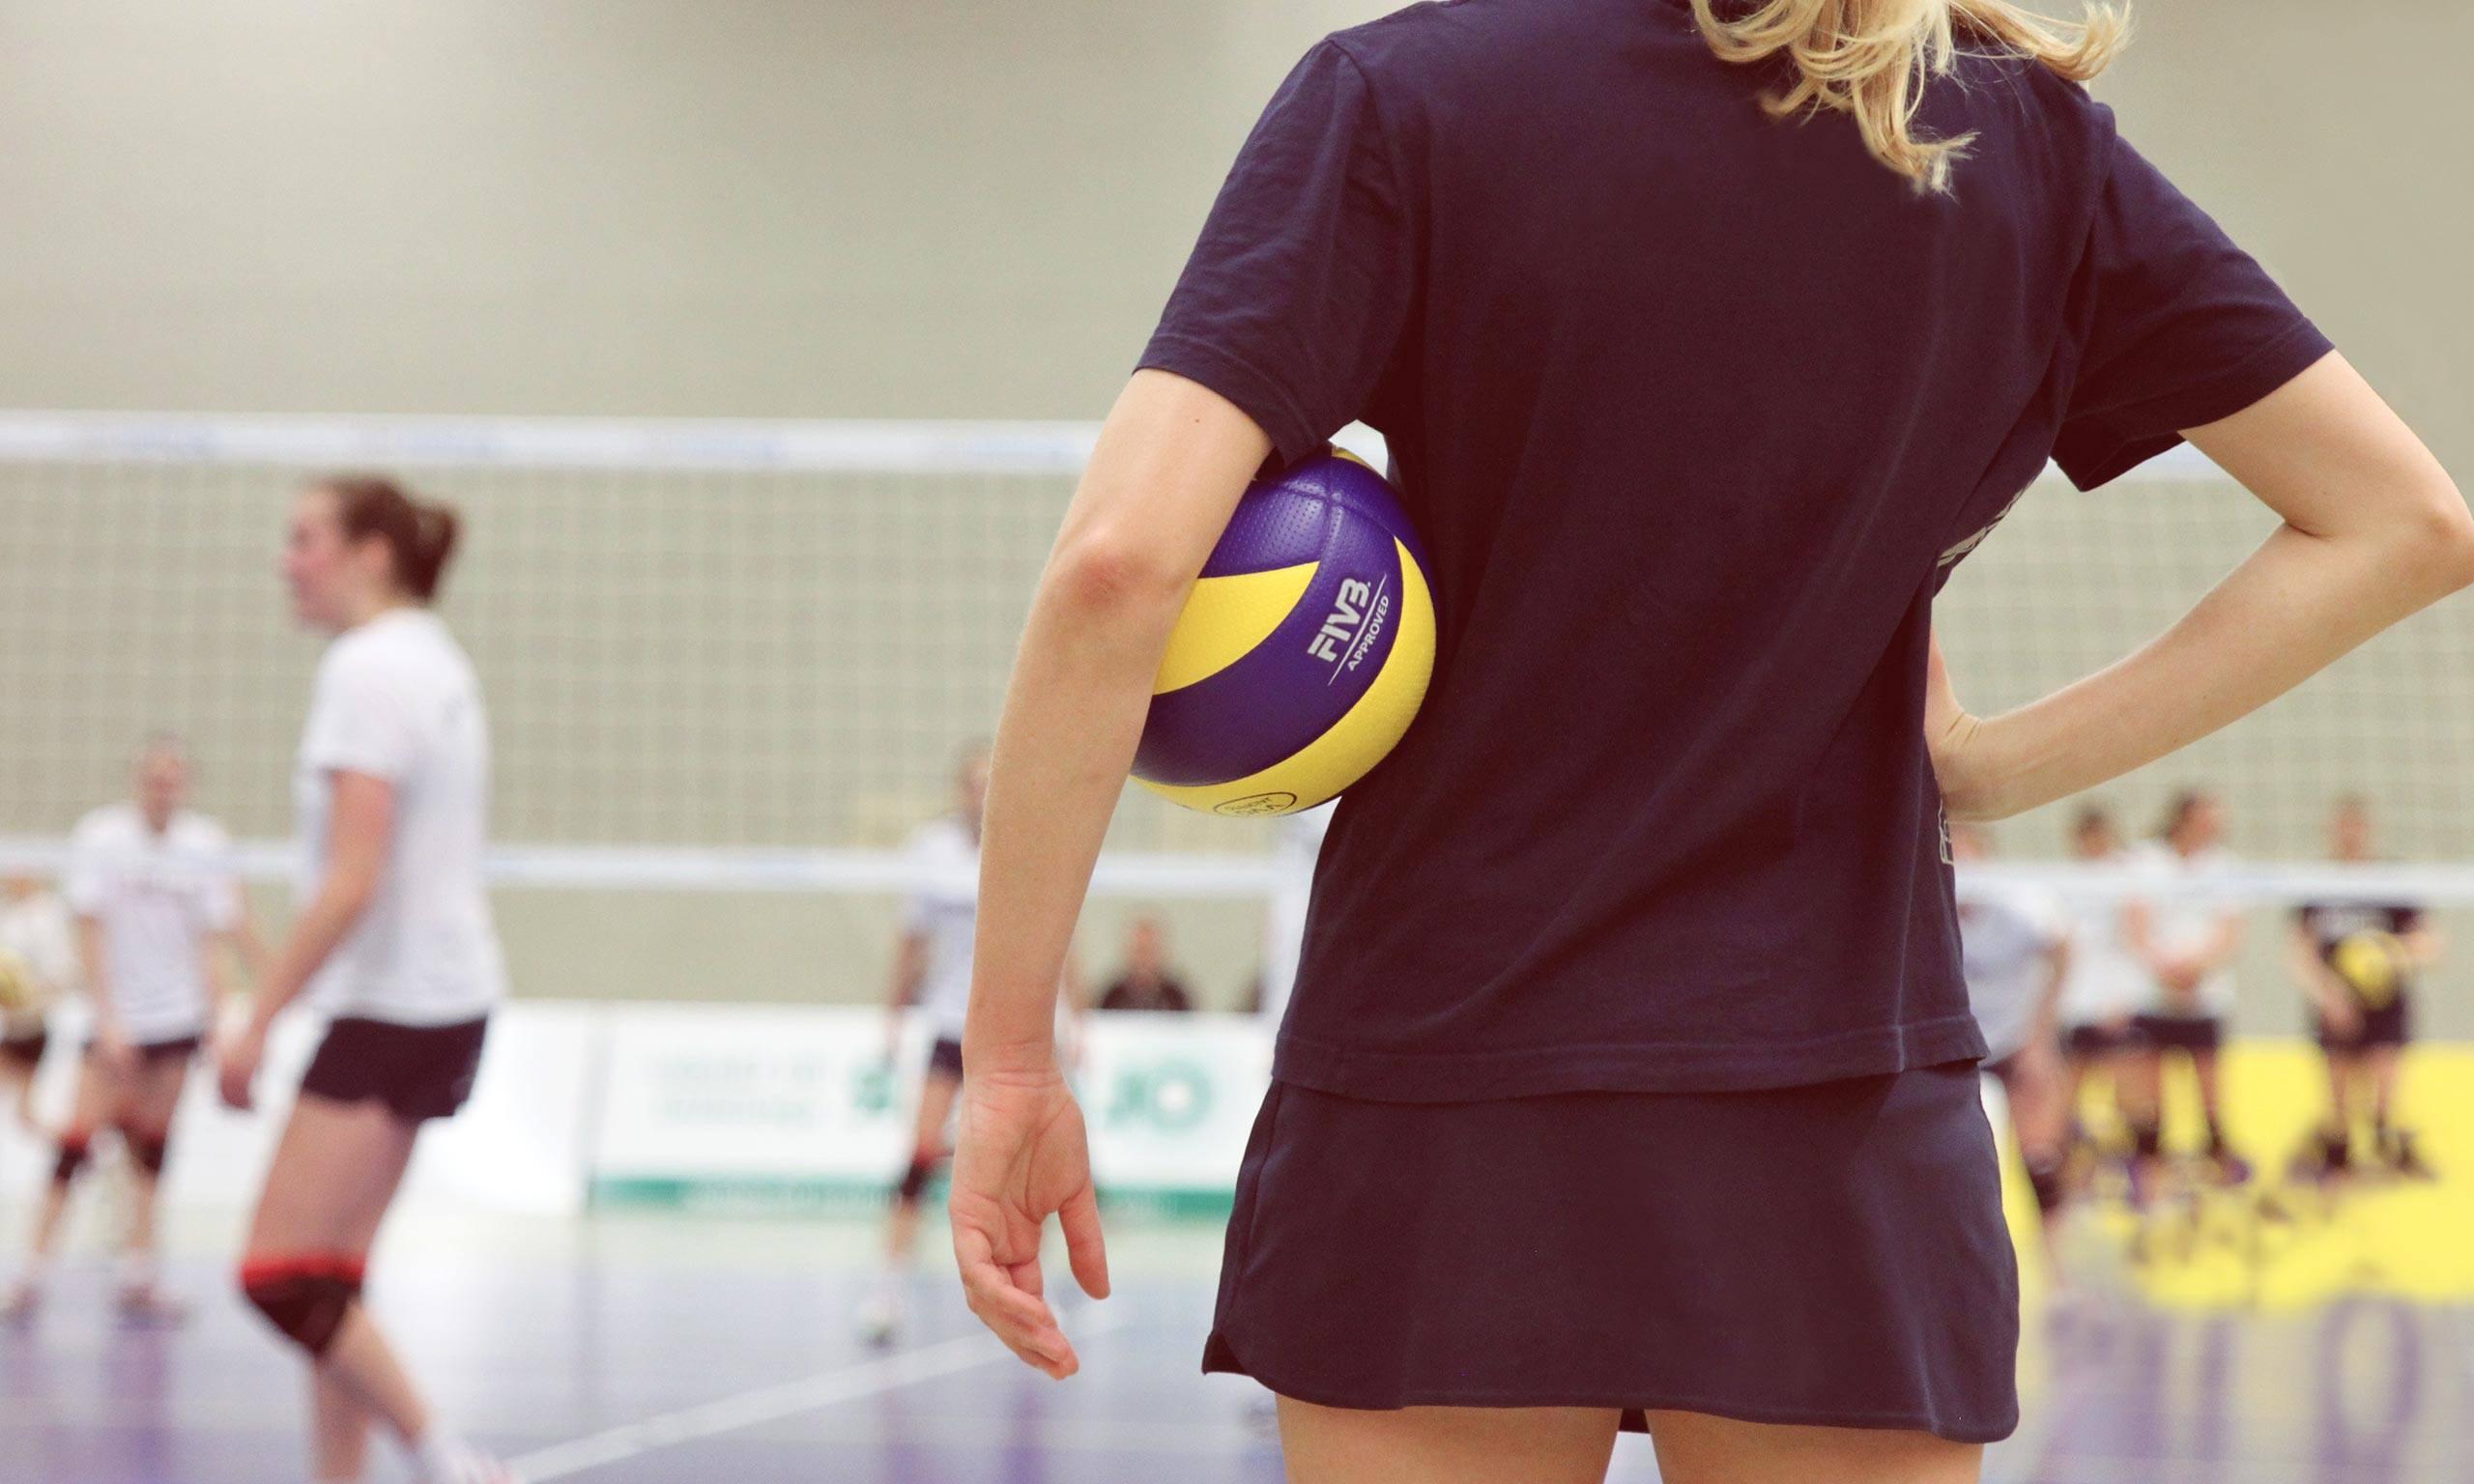 Vierumäki sports institute utilizes Firstbeat